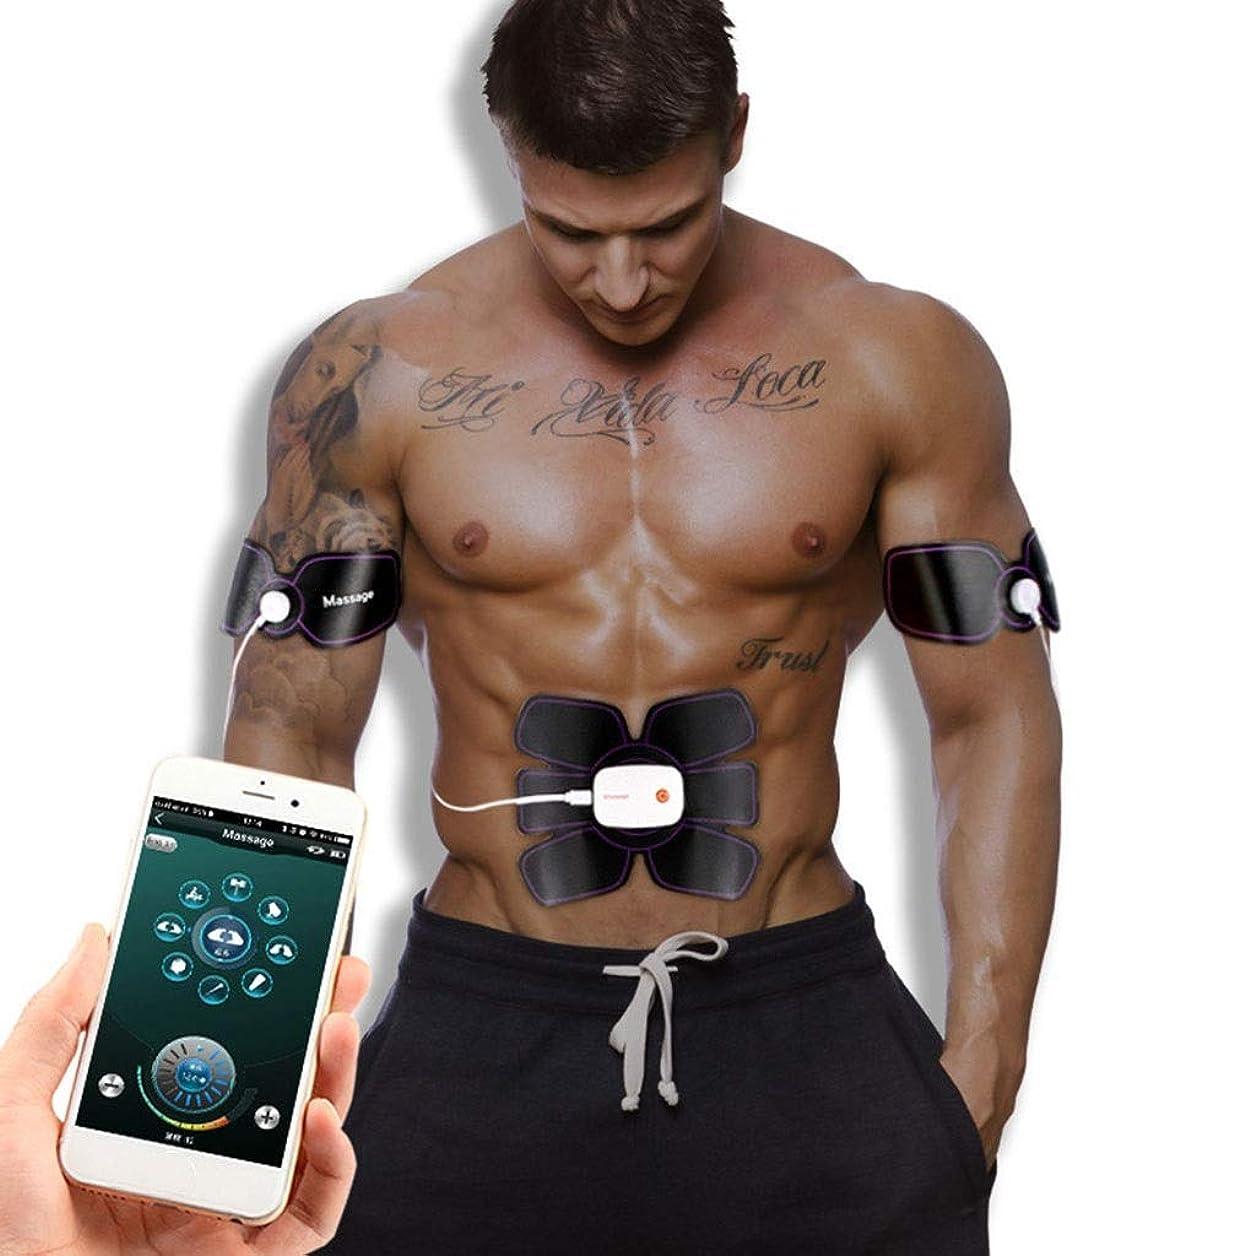 落花生彼らはウェイド腹筋トレーナー、筋肉刺激装置、腹部調色ベルトEMS腹筋トレーナーボディフィットネストレーナージムトレーニングとホームフィットネス器具